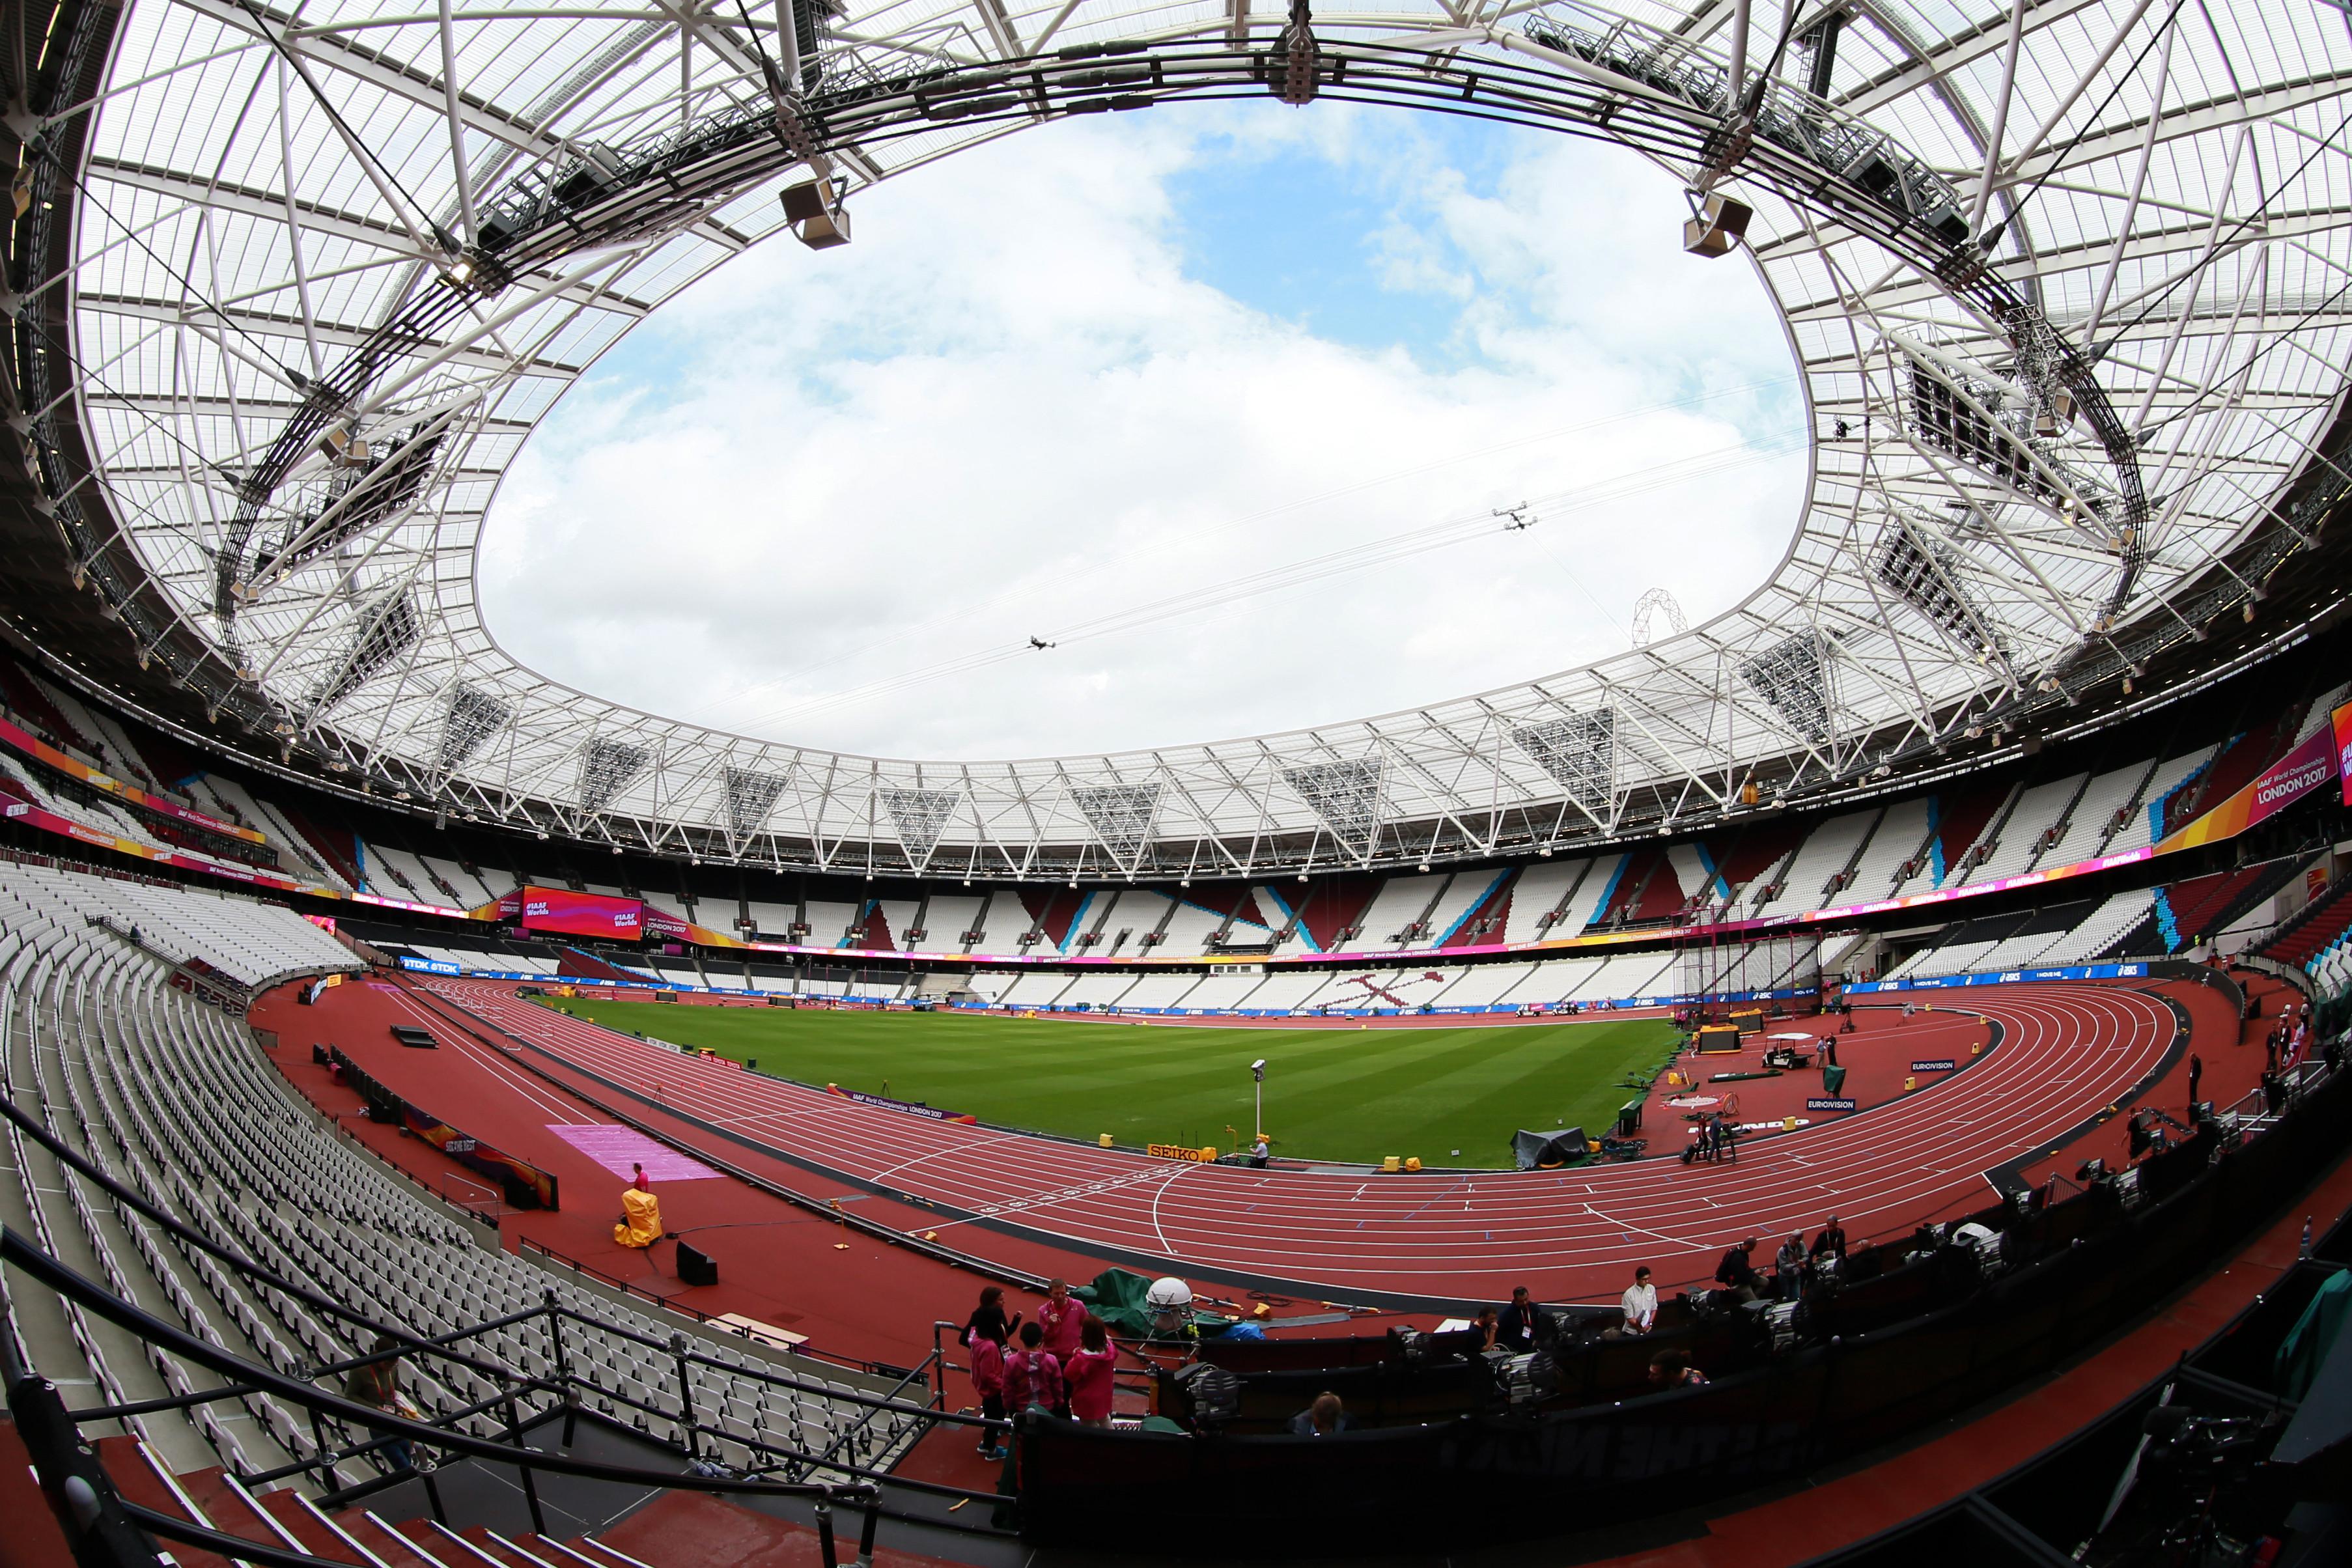 <p><span>Олимпийский стадион в Лондоне в преддверии Чемпионата мира по лёгкой атлетике. Фото:&copy; РИА Новости/Антон Денисов</span></p>